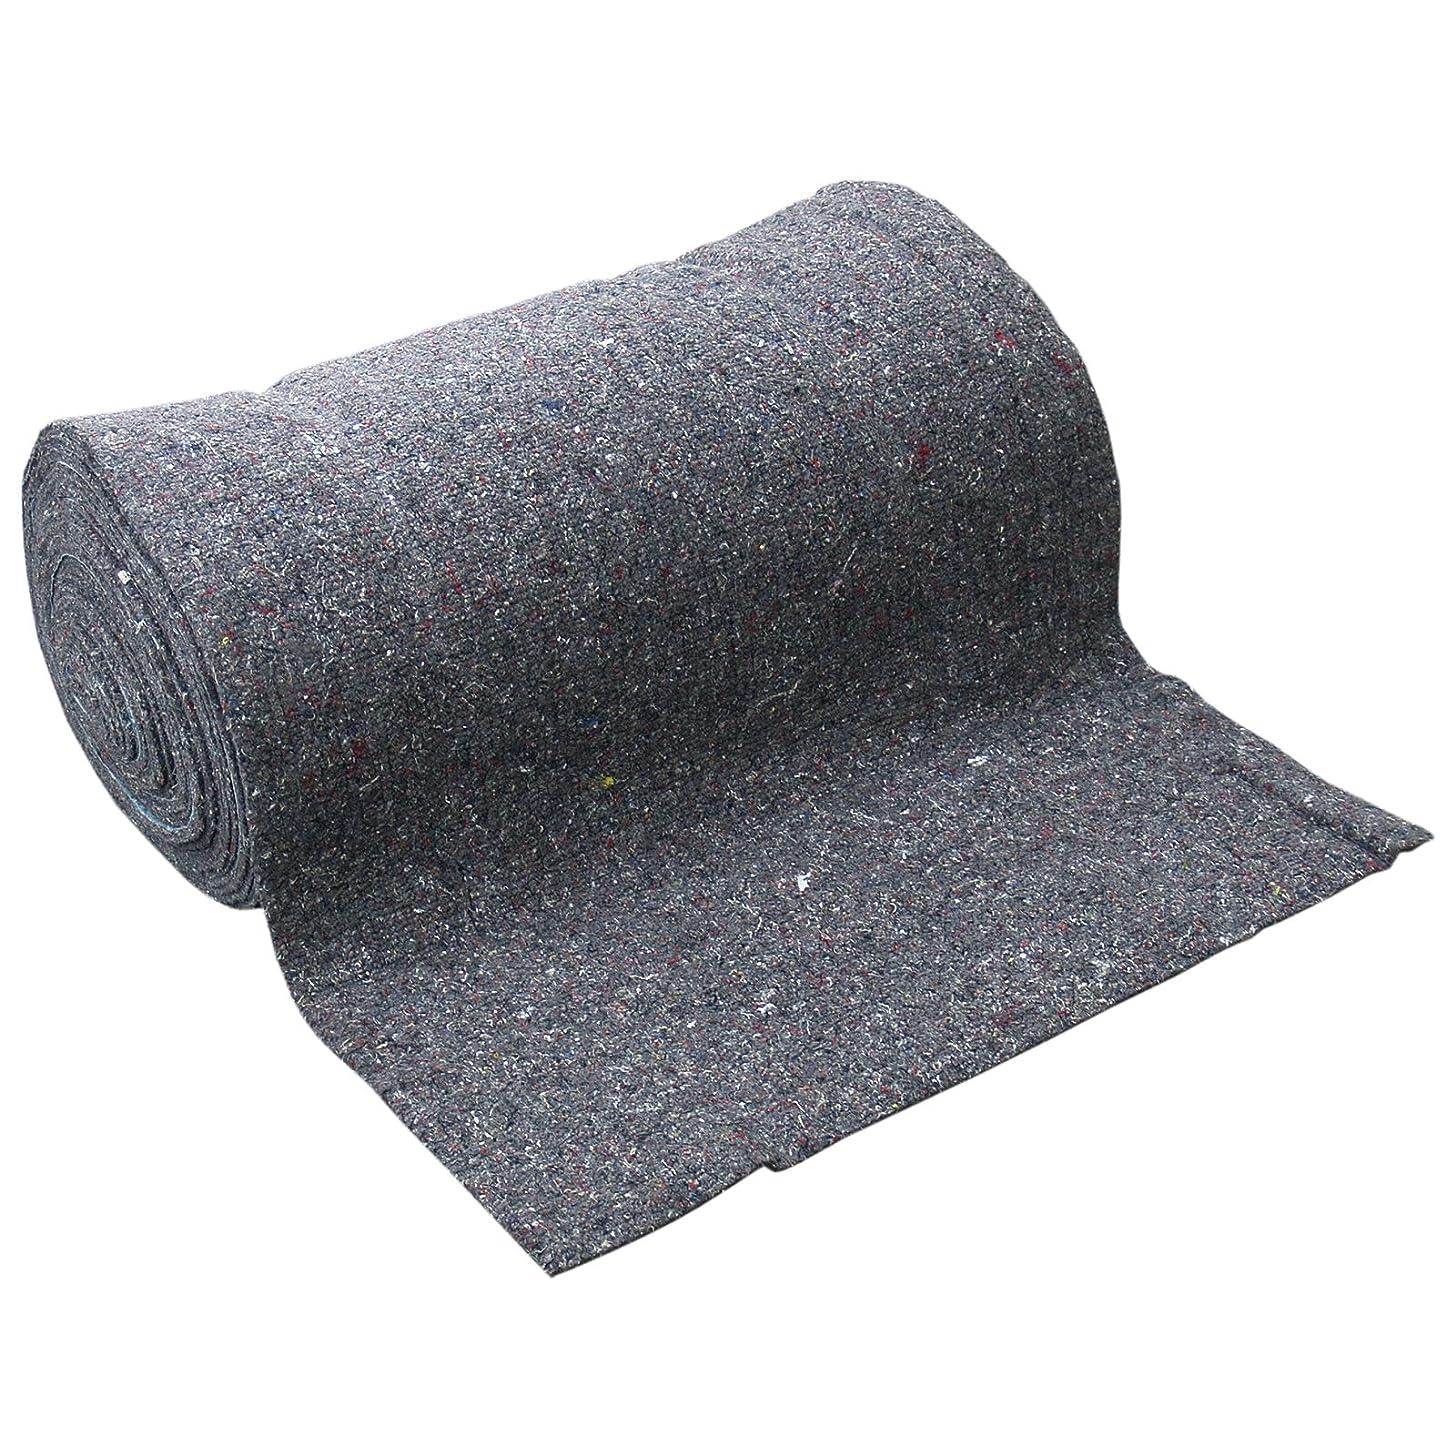 病上にスペードサンフェルト 粗毛フェルト 合繊ニードル MIX 8mm厚 910mm巾×20m